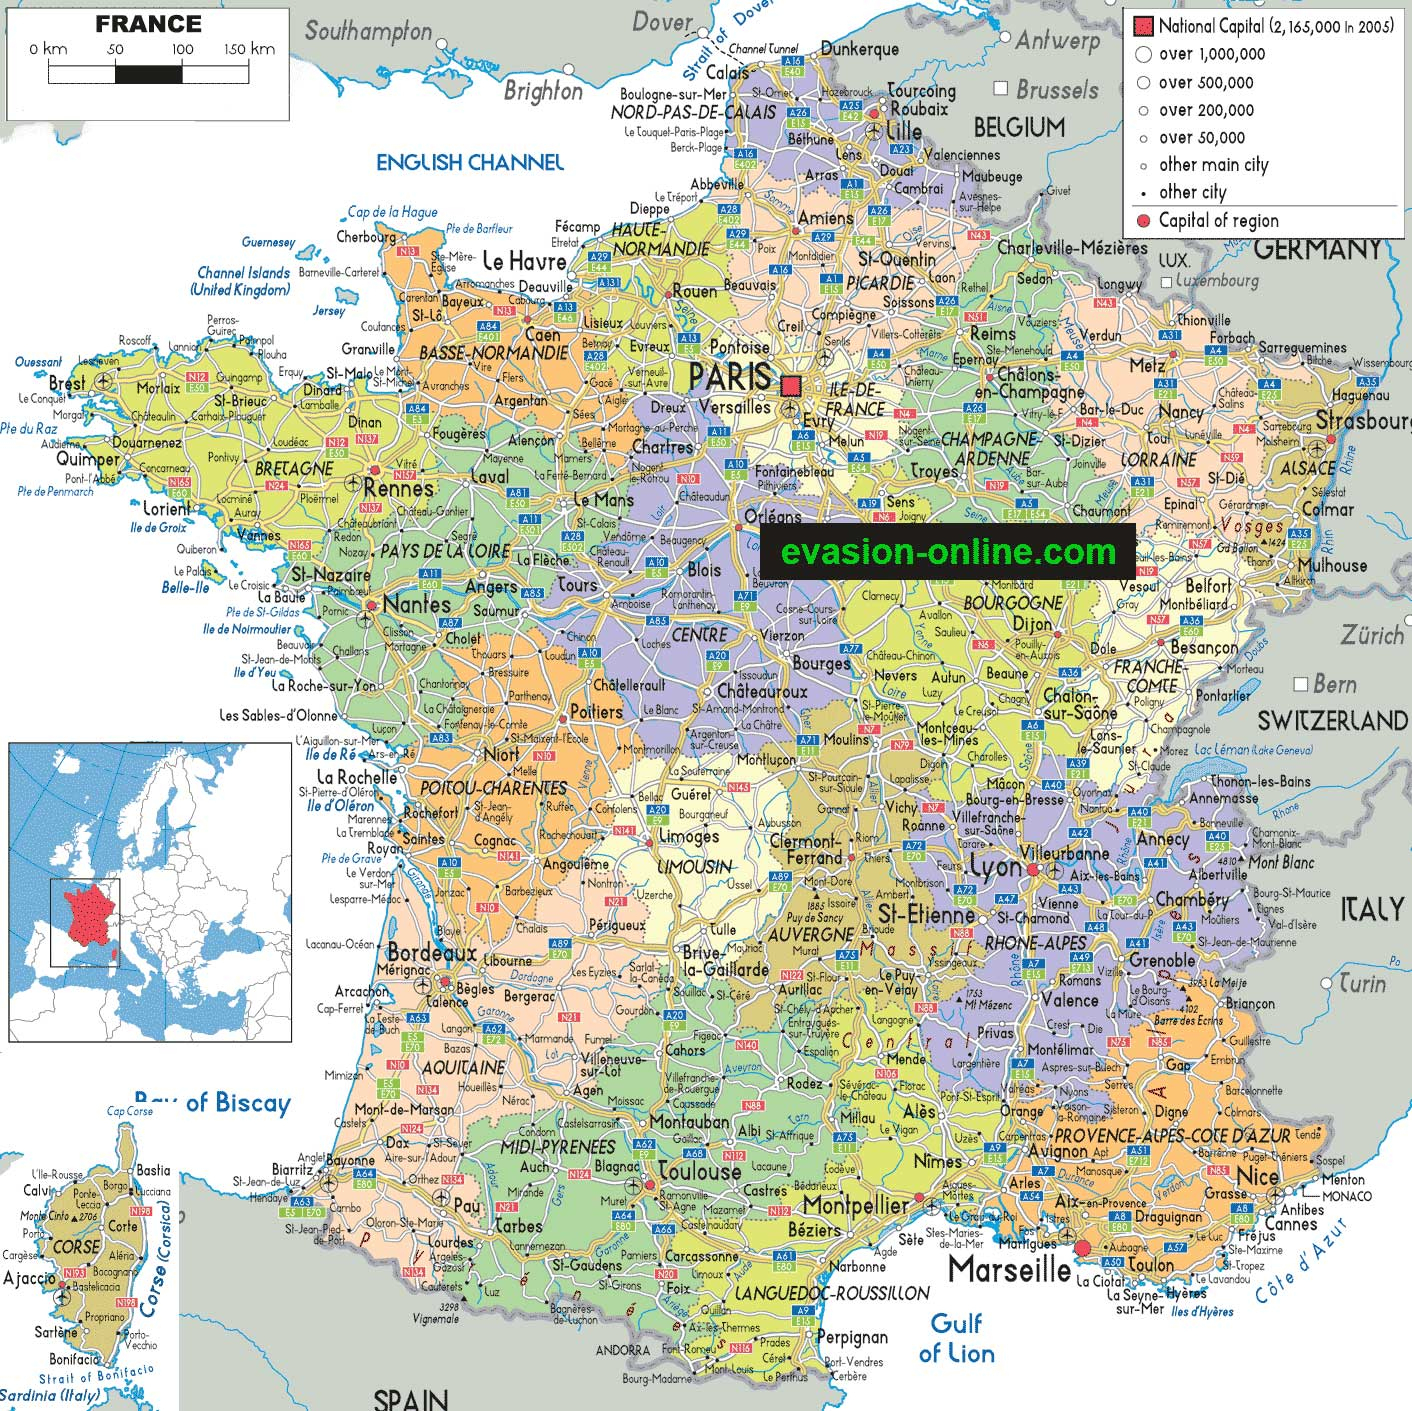 La Carte De France Avec Ses Régions » Vacances - Arts avec Carte De La France Avec Les Régions